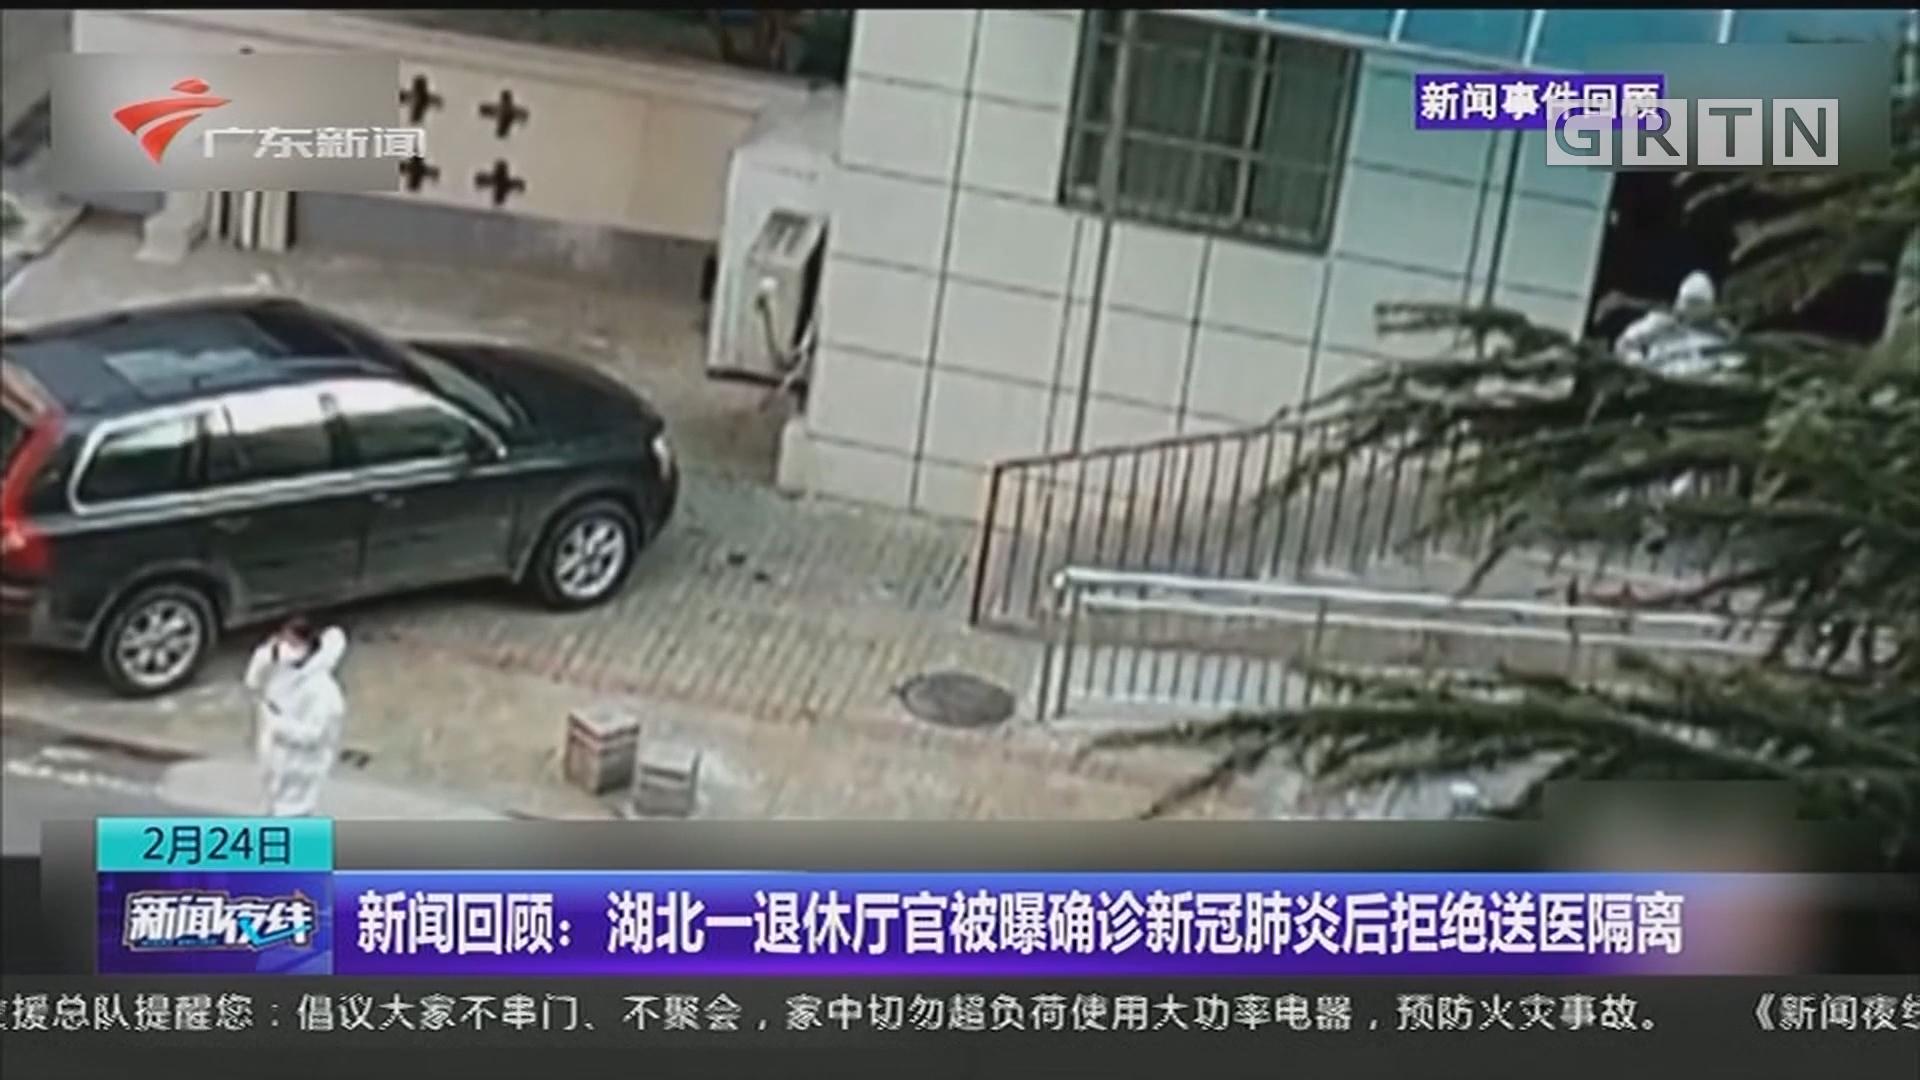 新闻回顾:湖北一退休厅官被曝确诊新冠肺炎后拒绝送医隔离